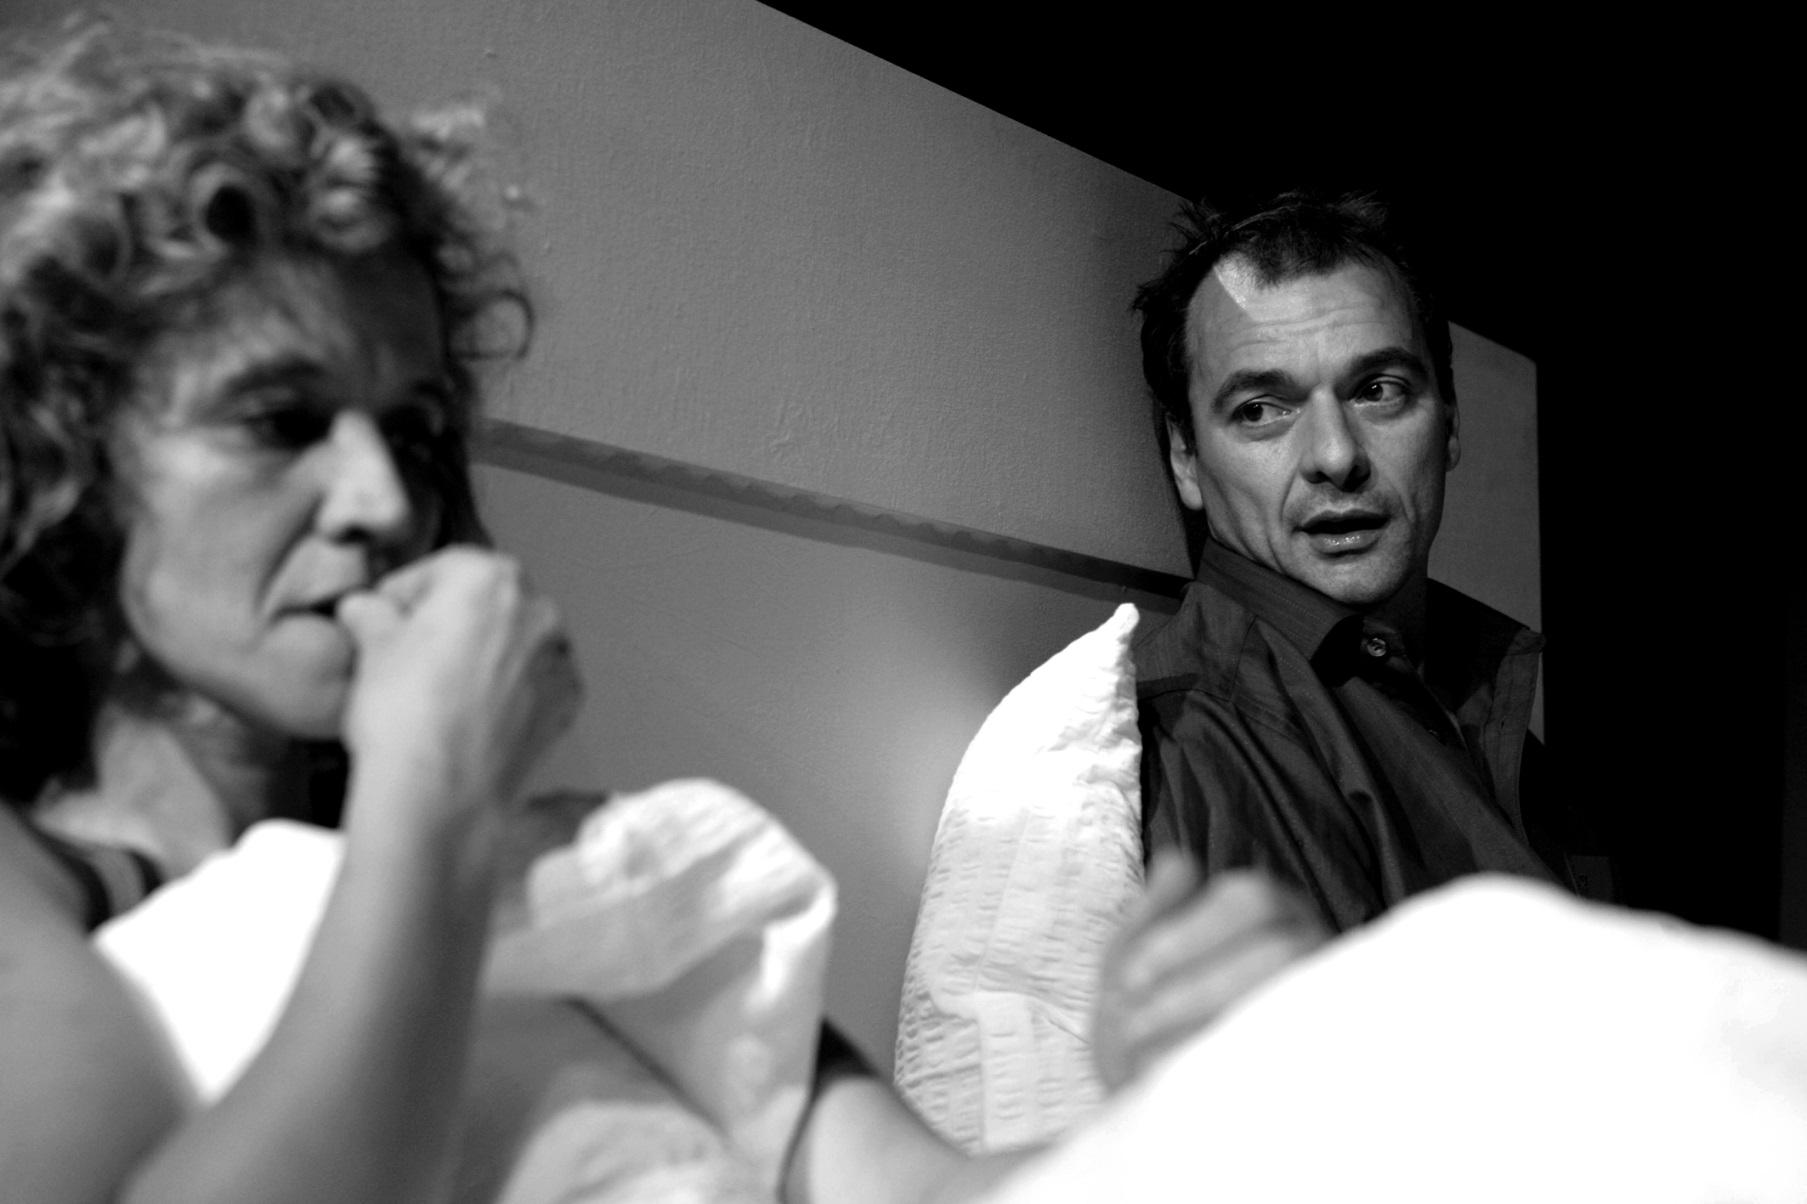 v.l. Kaminski, Beck-Rebholz in SZENEN EINER EHE © Felix Holland